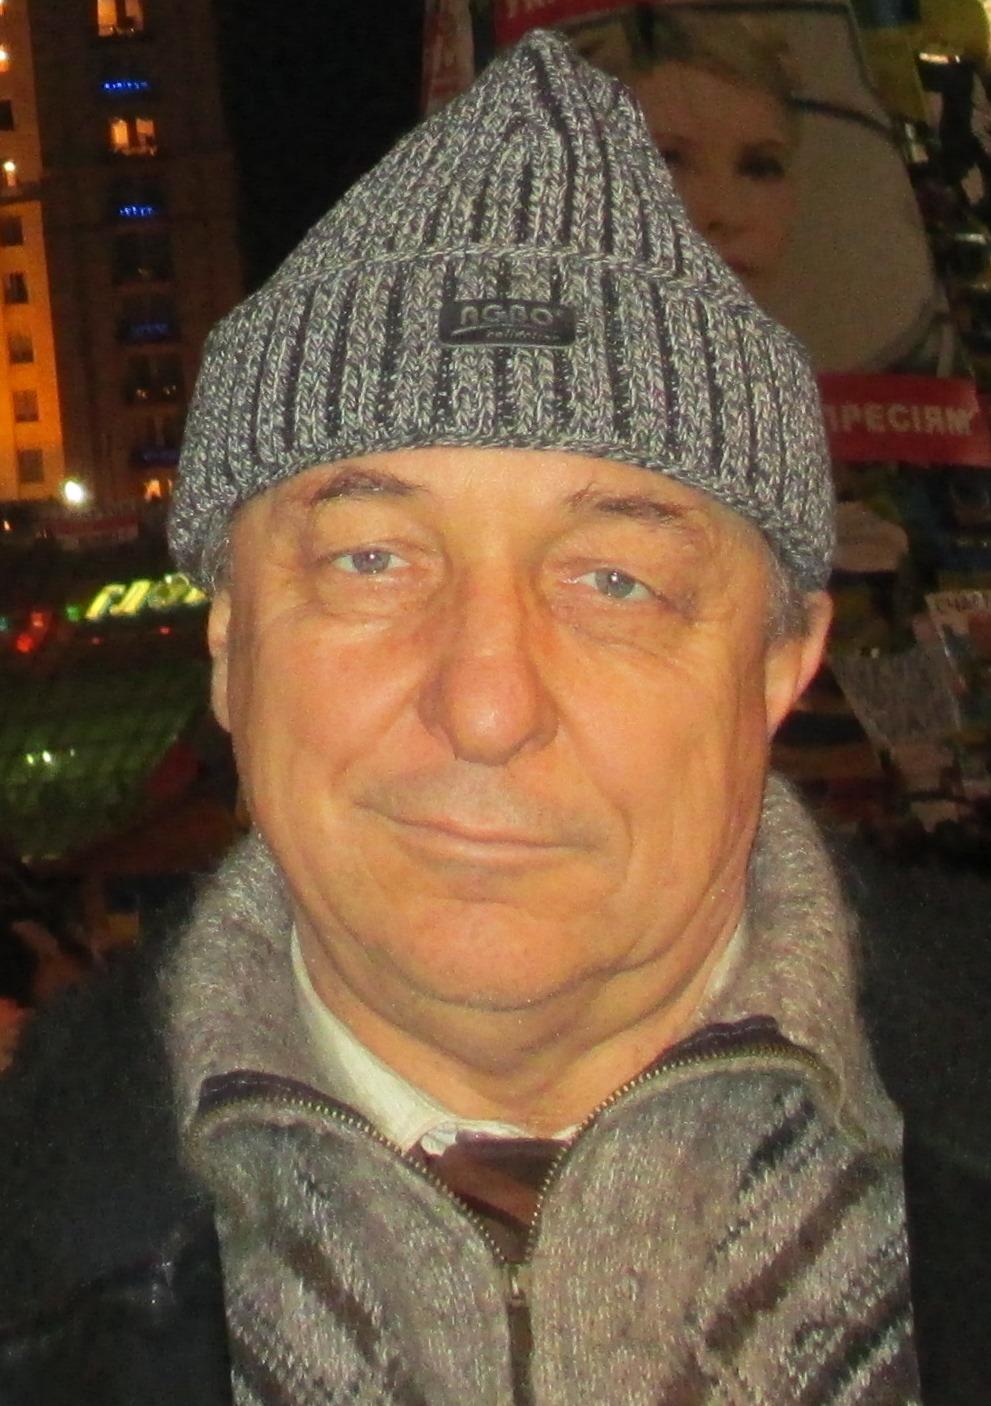 Хроніки окупації Криму: кримчанам рвуть паспорти, а Гоблін залякує фізичним знищенням - фото 11